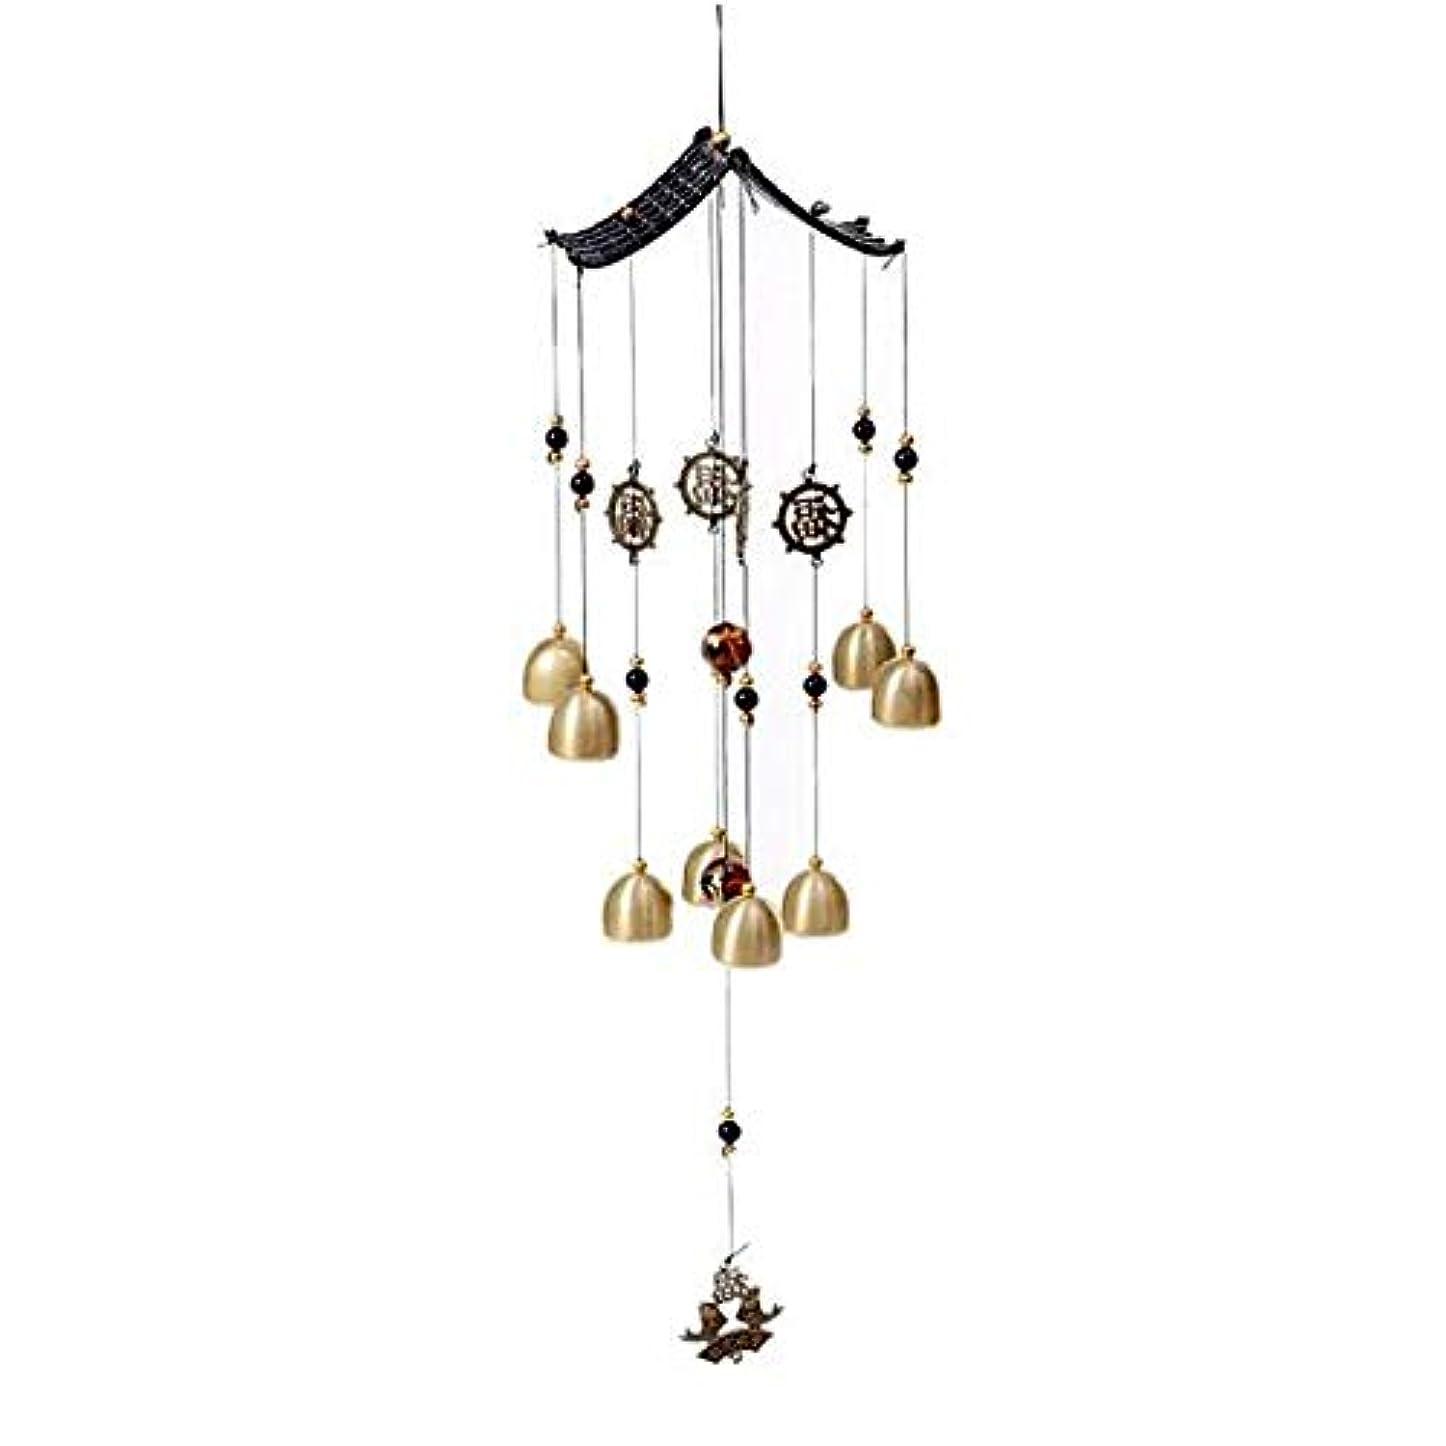 結論原告本能Aishanghuayi 風チャイム、金属銅鐘ホームデコレーション、ブラック、サイズ62 * 13CM,ファッションオーナメント (Color : Black-B)